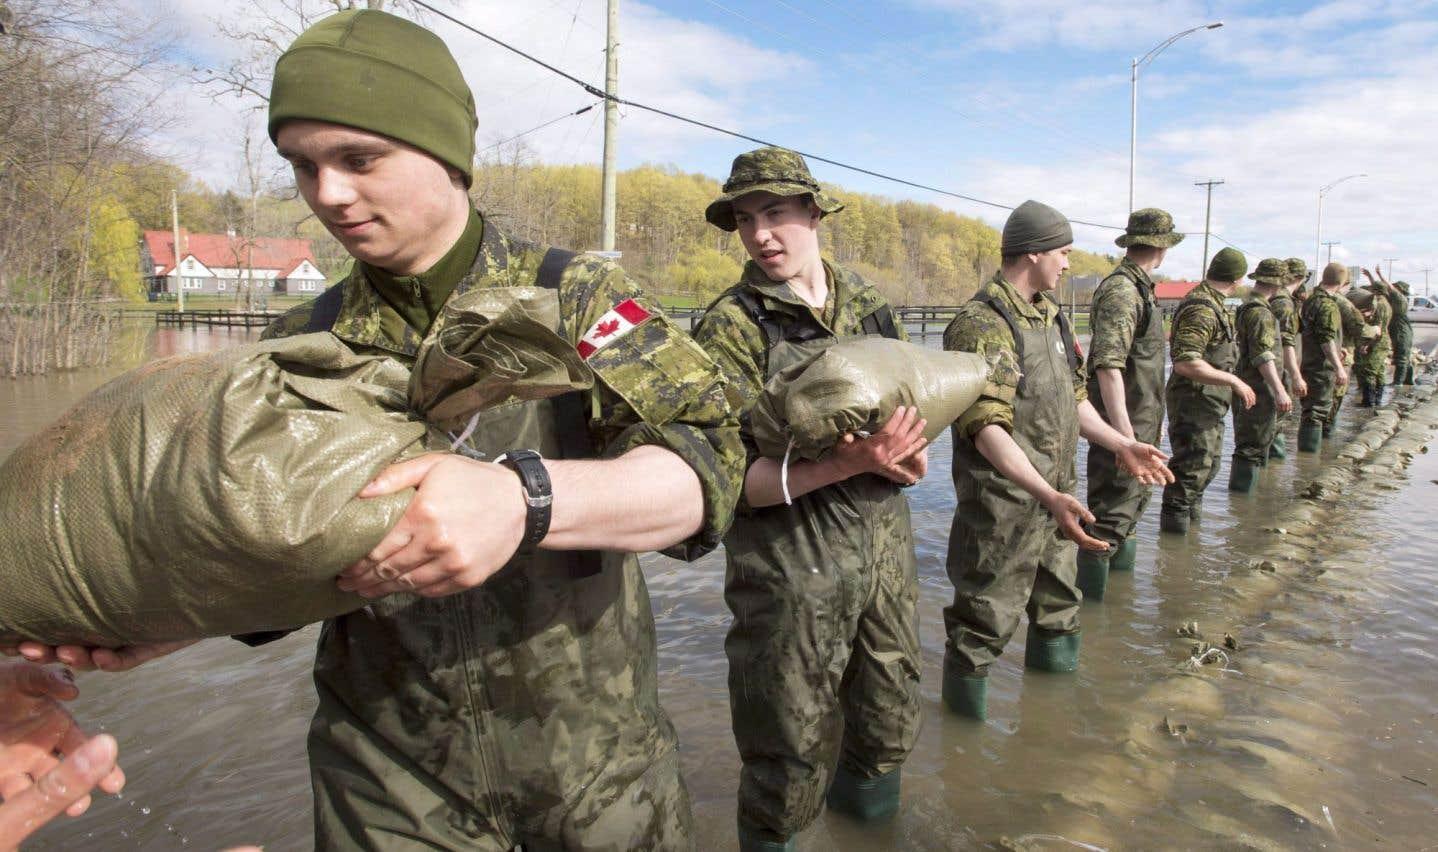 Les militaires de la base de Valcartier ont construit des digues pour limiter les dégâts des crues printanières, notamment le 9 mai à Saint-André-d'Argenteuil.